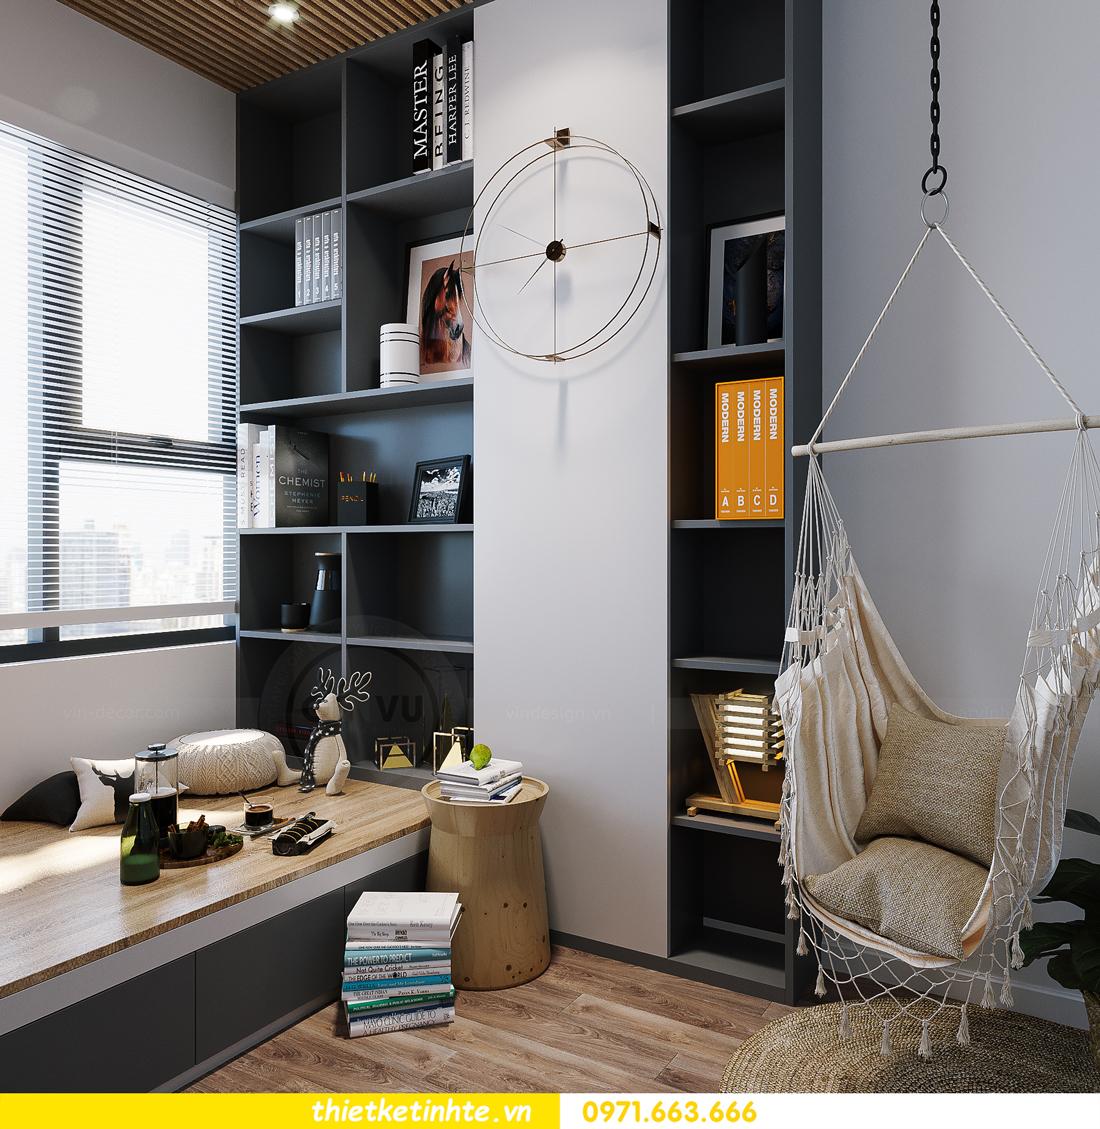 hoàn thiện nội thất Smart City tòa S202 căn hộ 12A 9